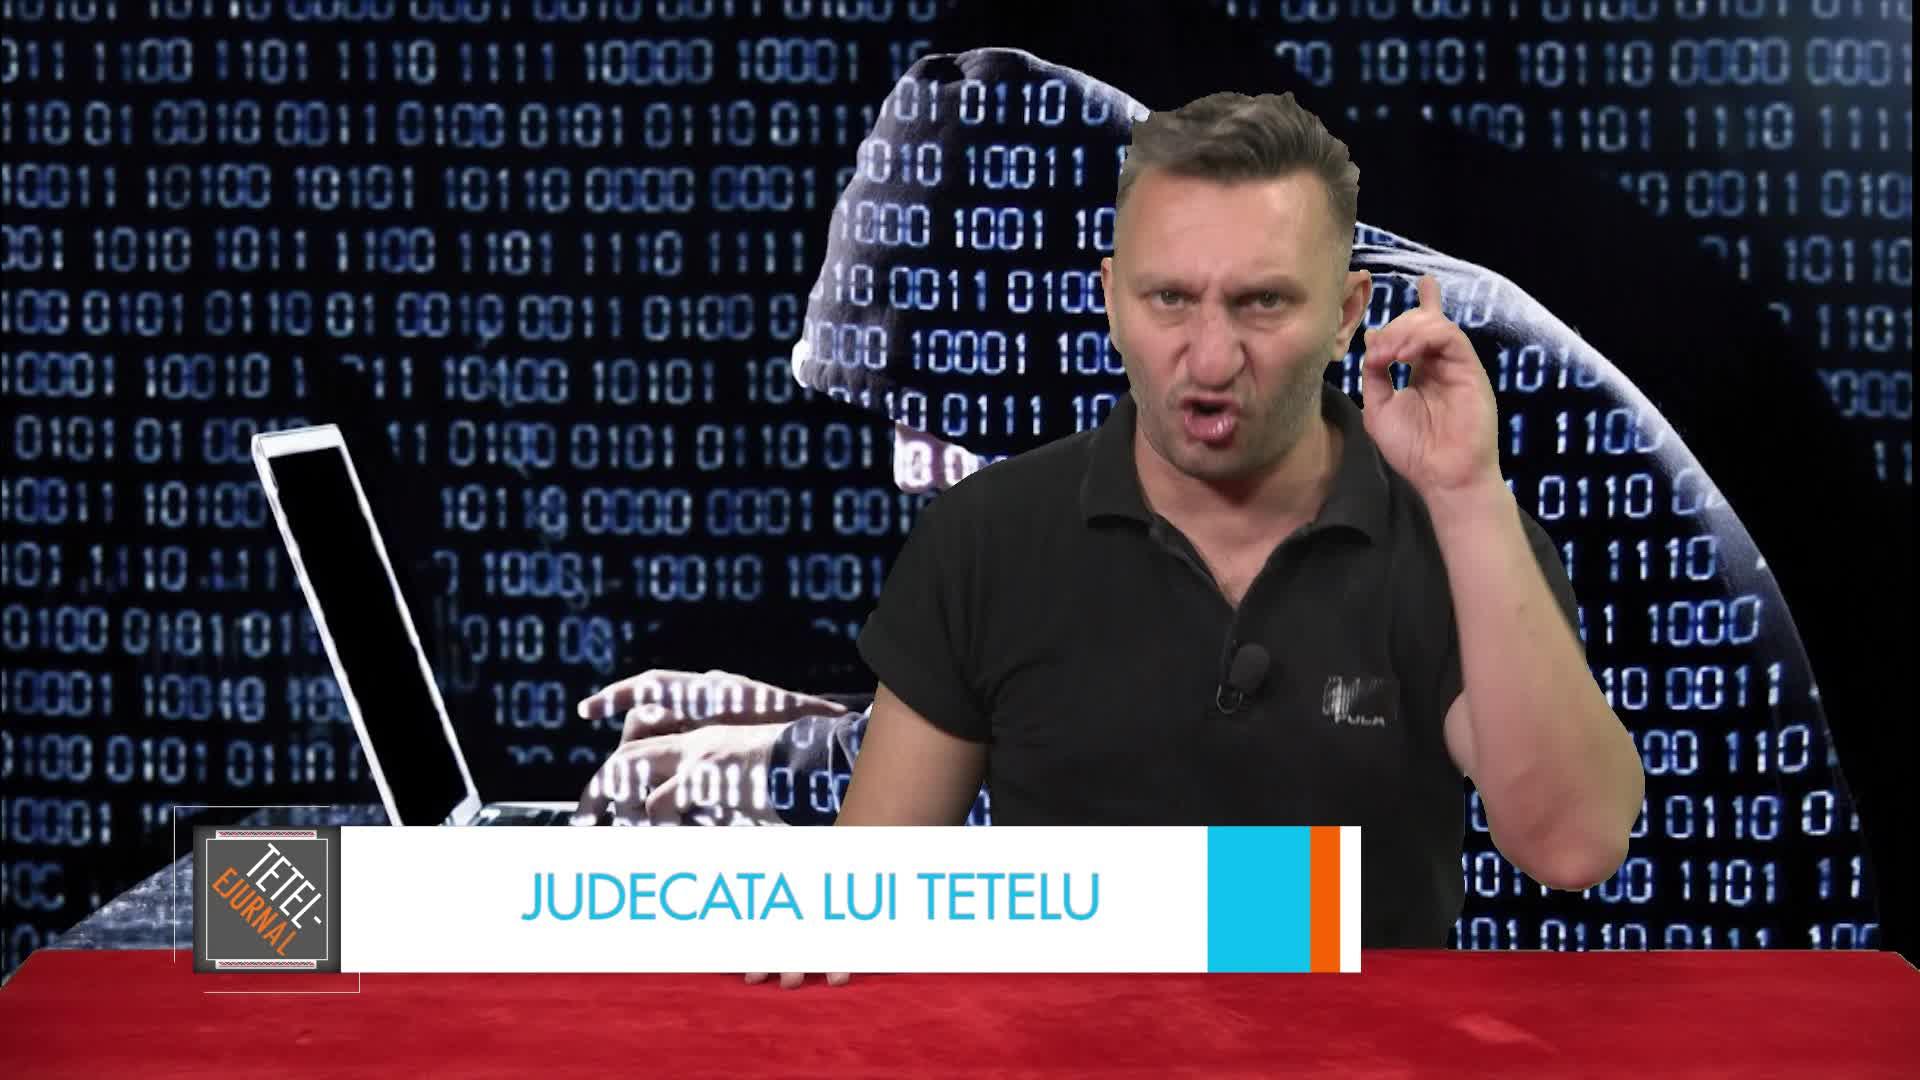 Judecata lui Tetelu: Cel mai bun antivirus pentru computer